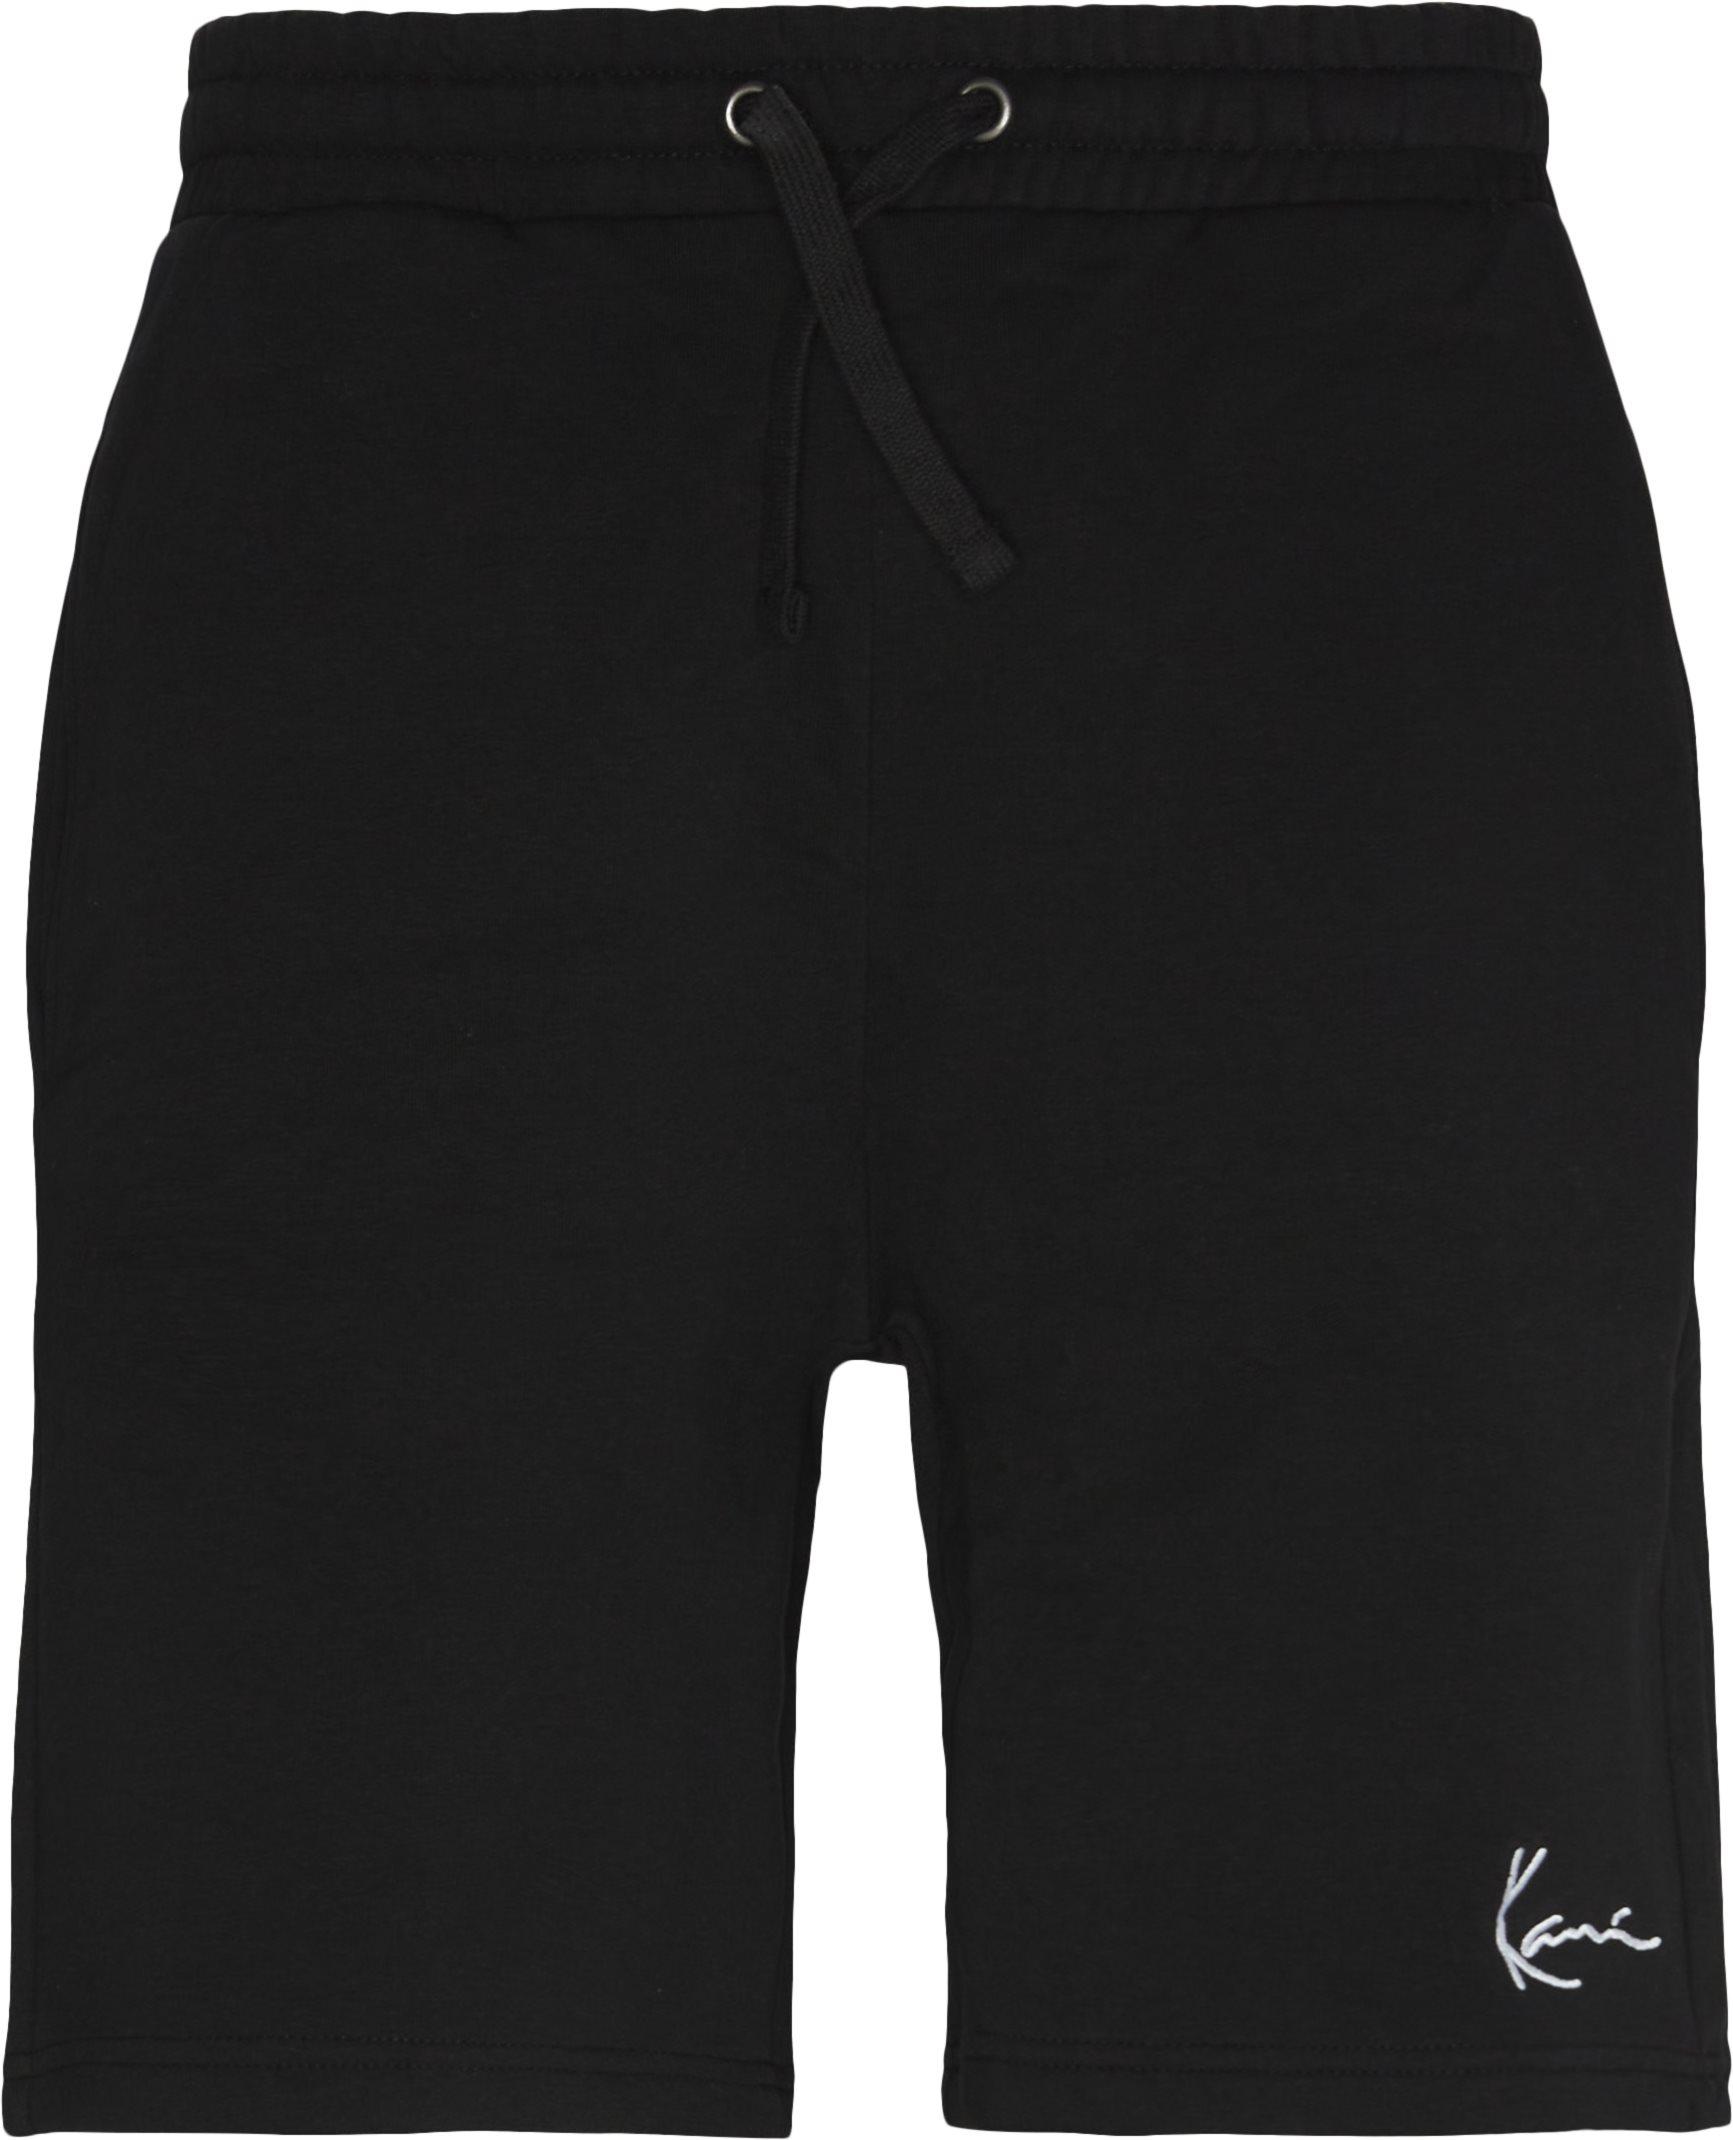 Signature Shorts - Shorts - Loose - Sort